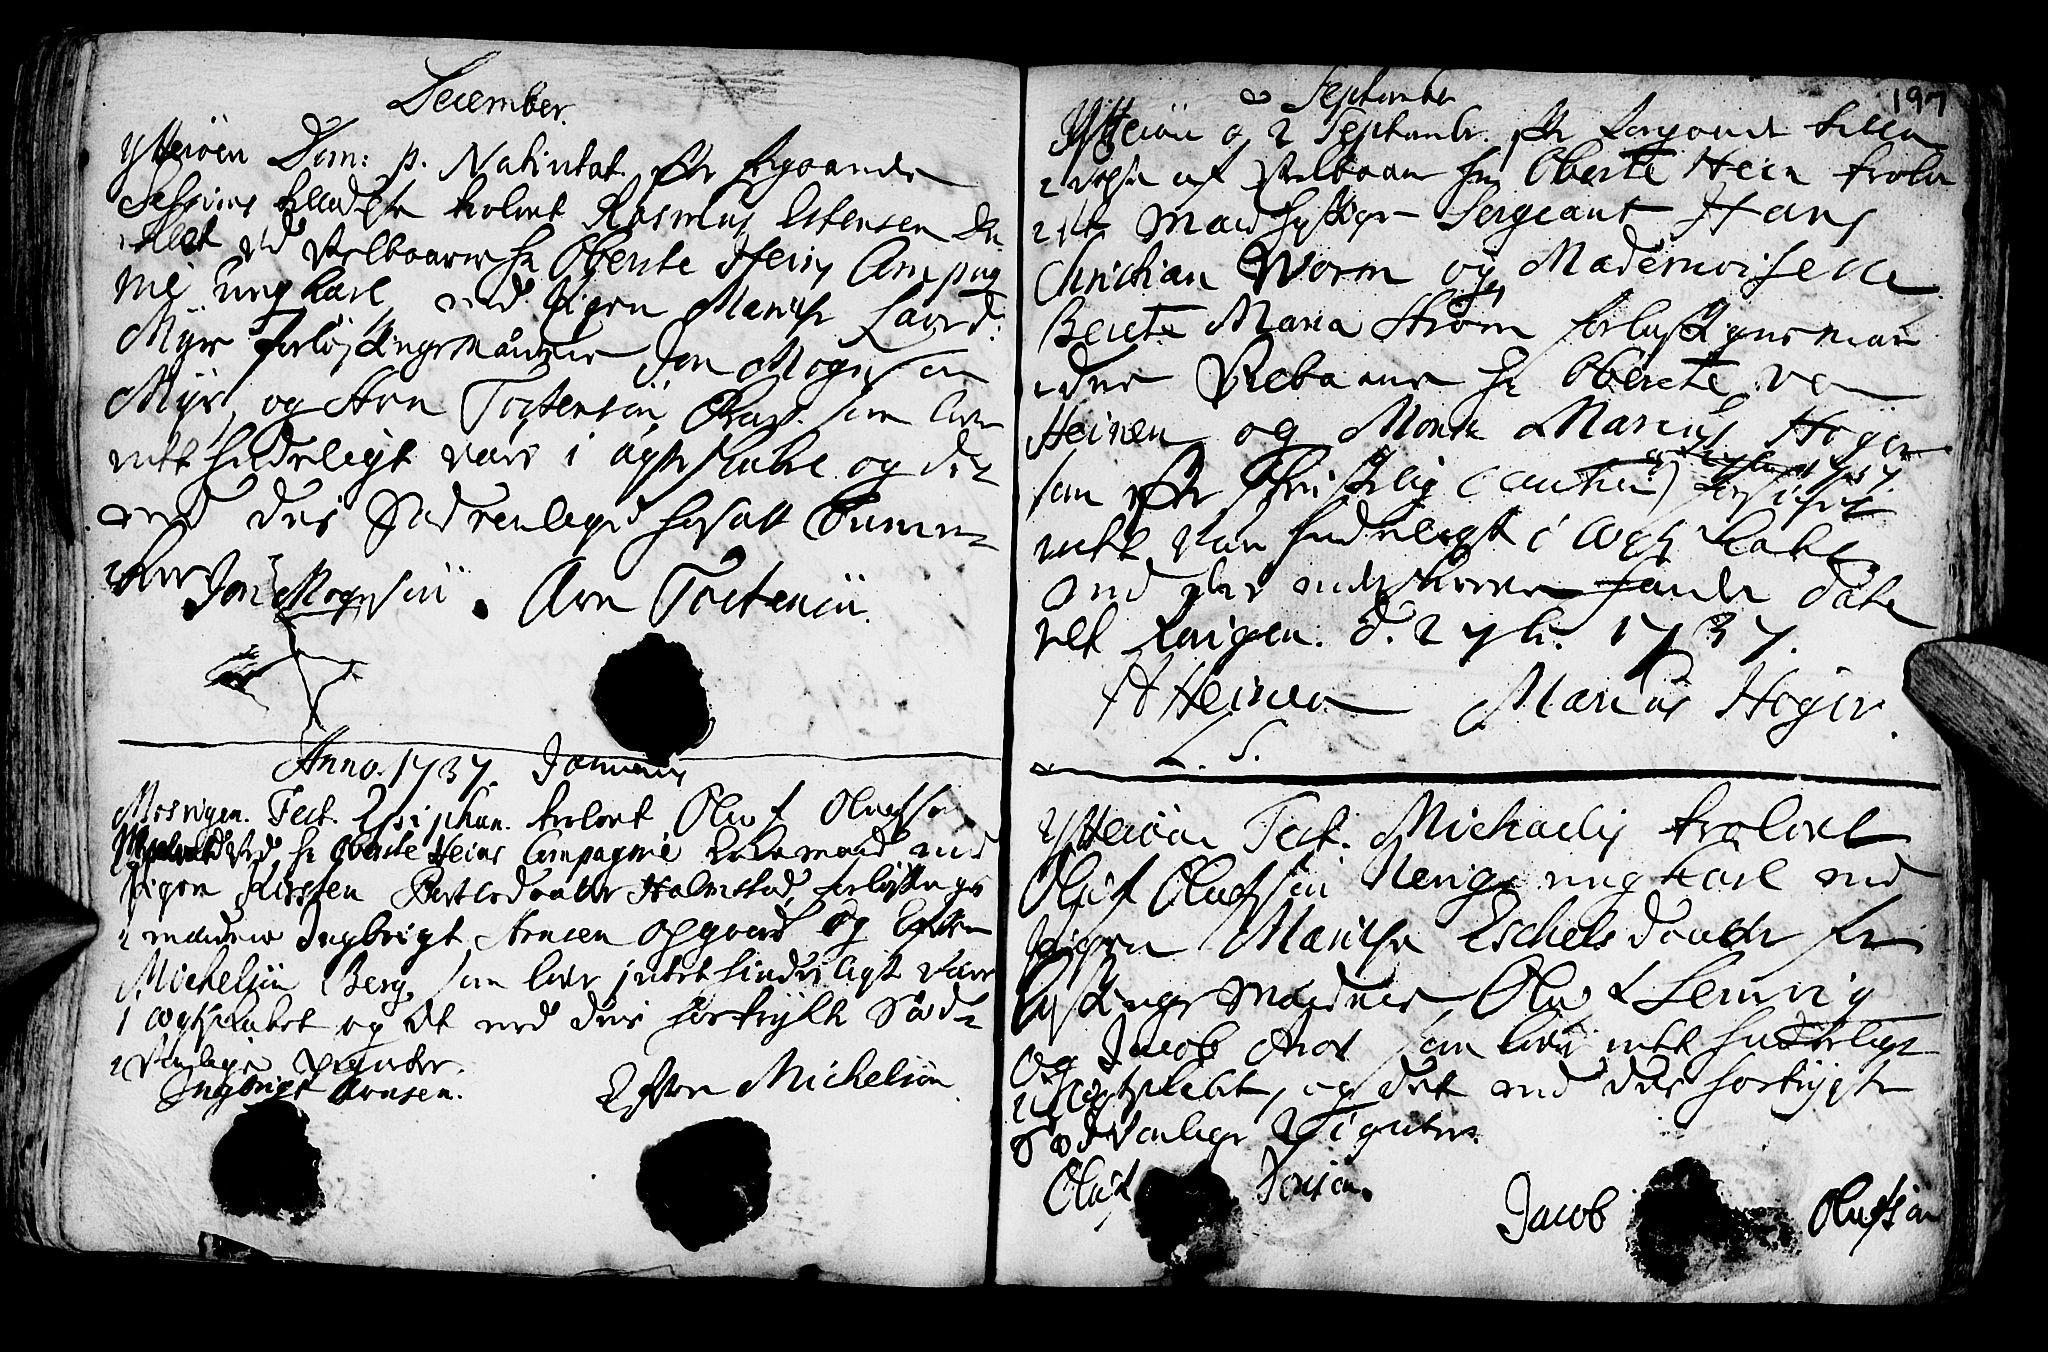 SAT, Ministerialprotokoller, klokkerbøker og fødselsregistre - Nord-Trøndelag, 722/L0215: Ministerialbok nr. 722A02, 1718-1755, s. 197